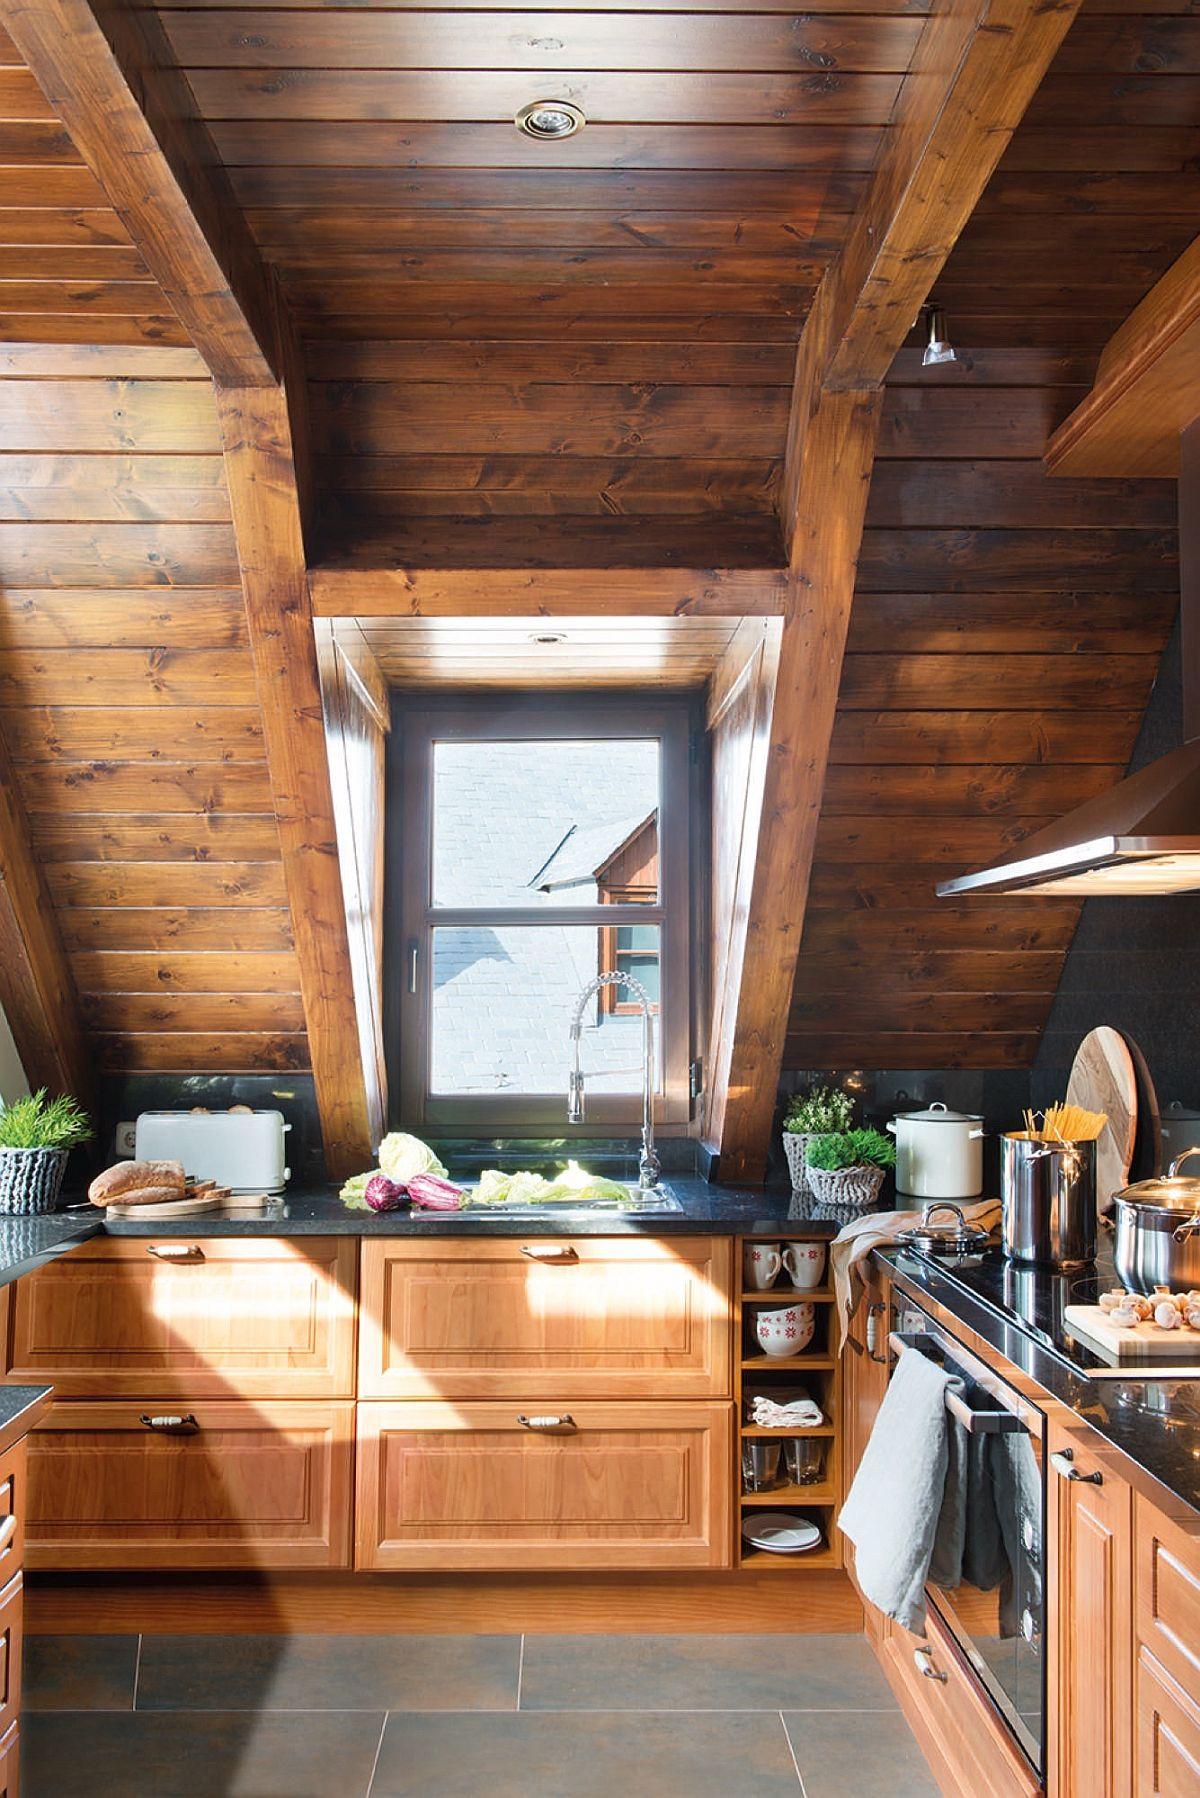 Bucătăria este separată de zona de zi, dar imediat în vecnătatea acesteia. Mobila a fost realizată pe comandă în nuanță apropiată cu cea a lambriurilor care îmbracă pantele acoperișului la interior. Zona de foc este prevăzută în cea mai înaltă porțiune a acestui spațiu.